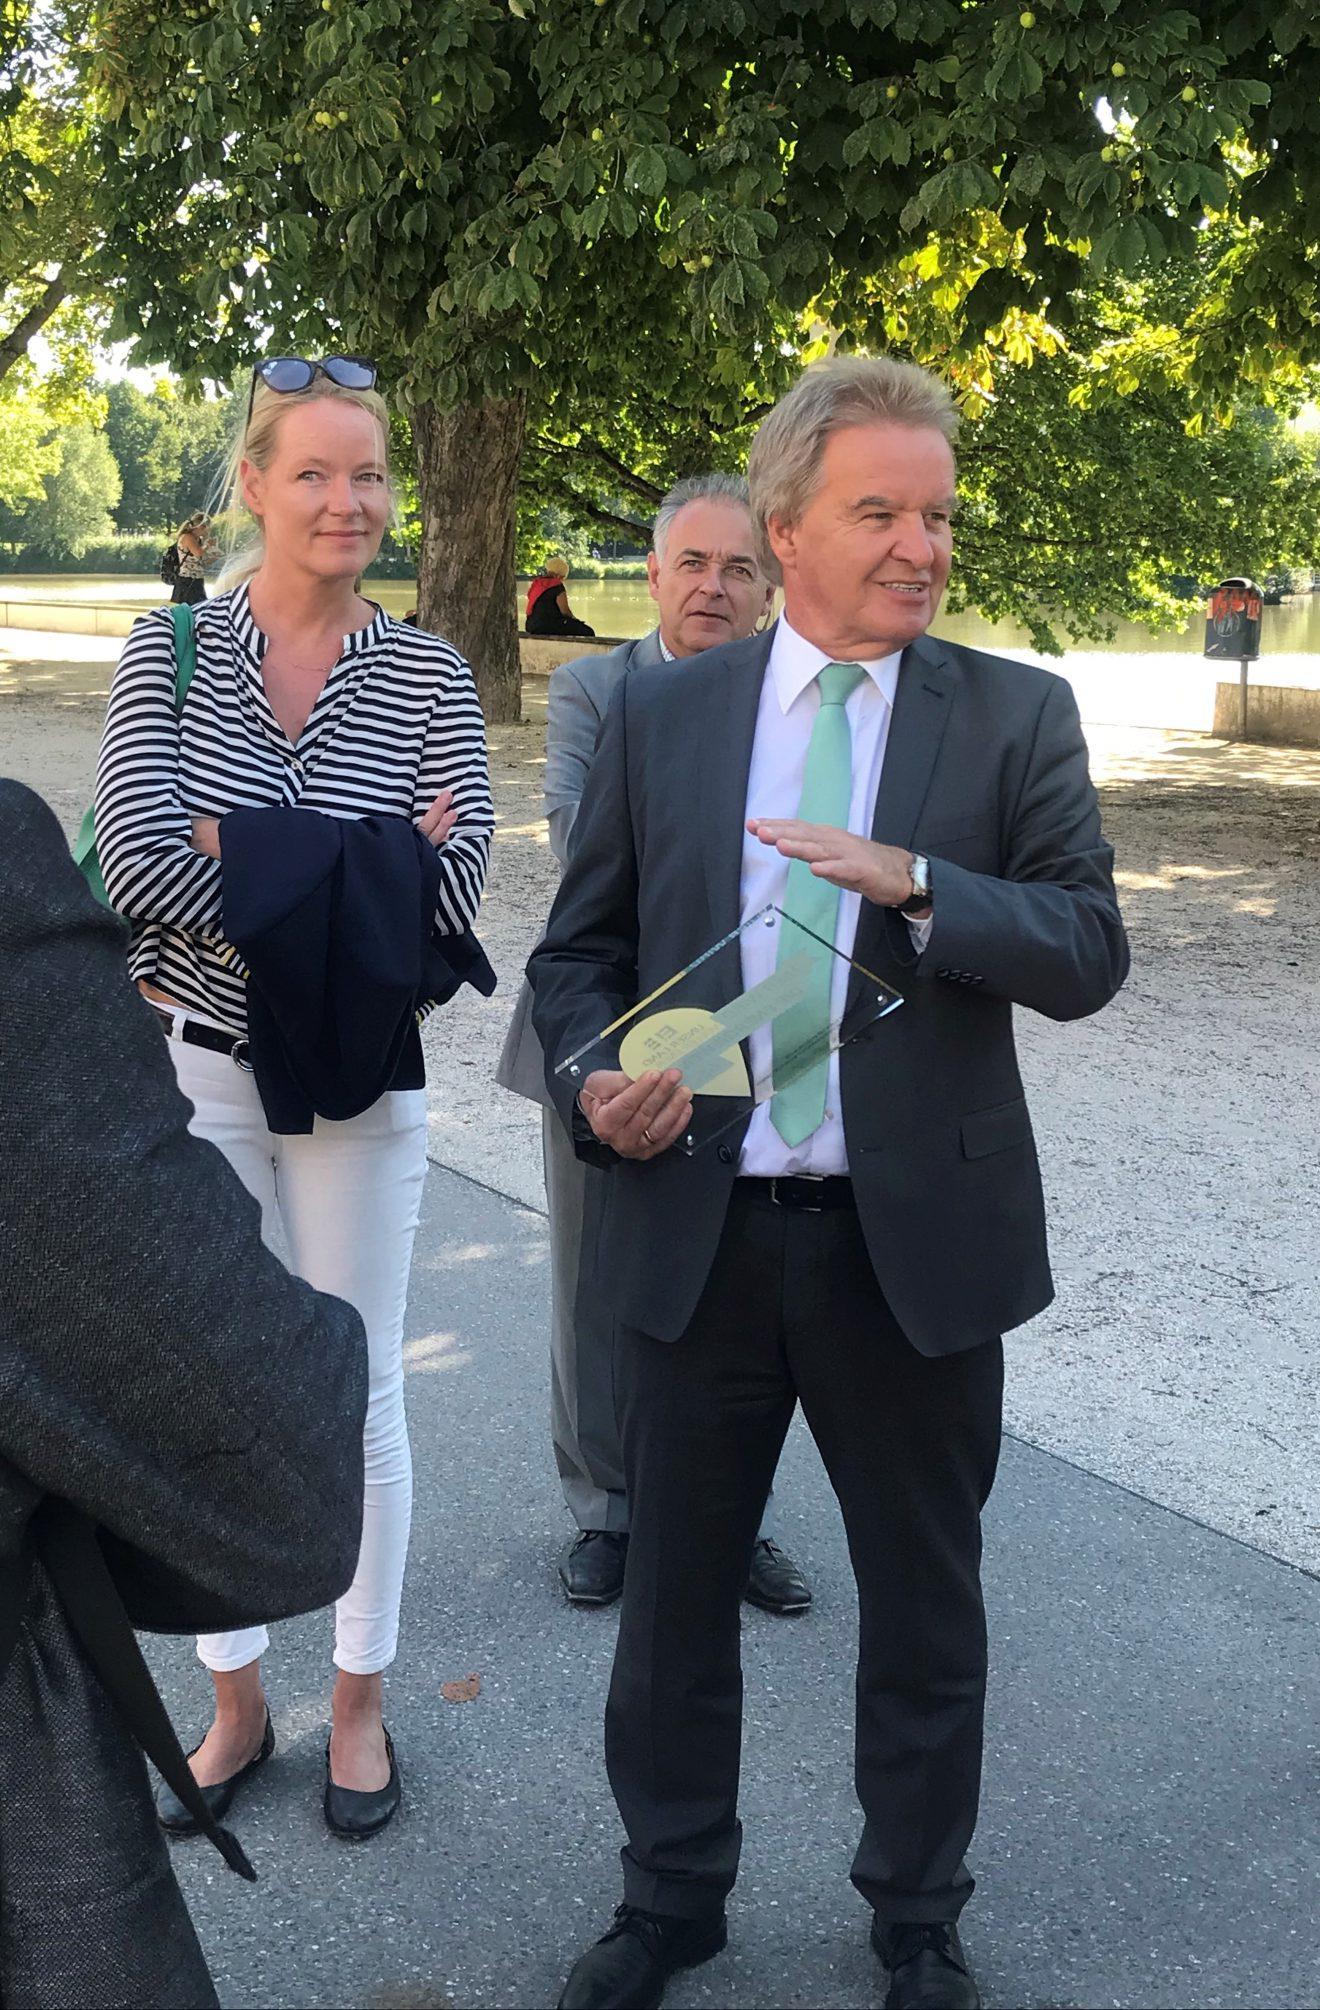 Landkreis Böblingen mit hervorragenden Projekten für den Klima- und Umweltschutz